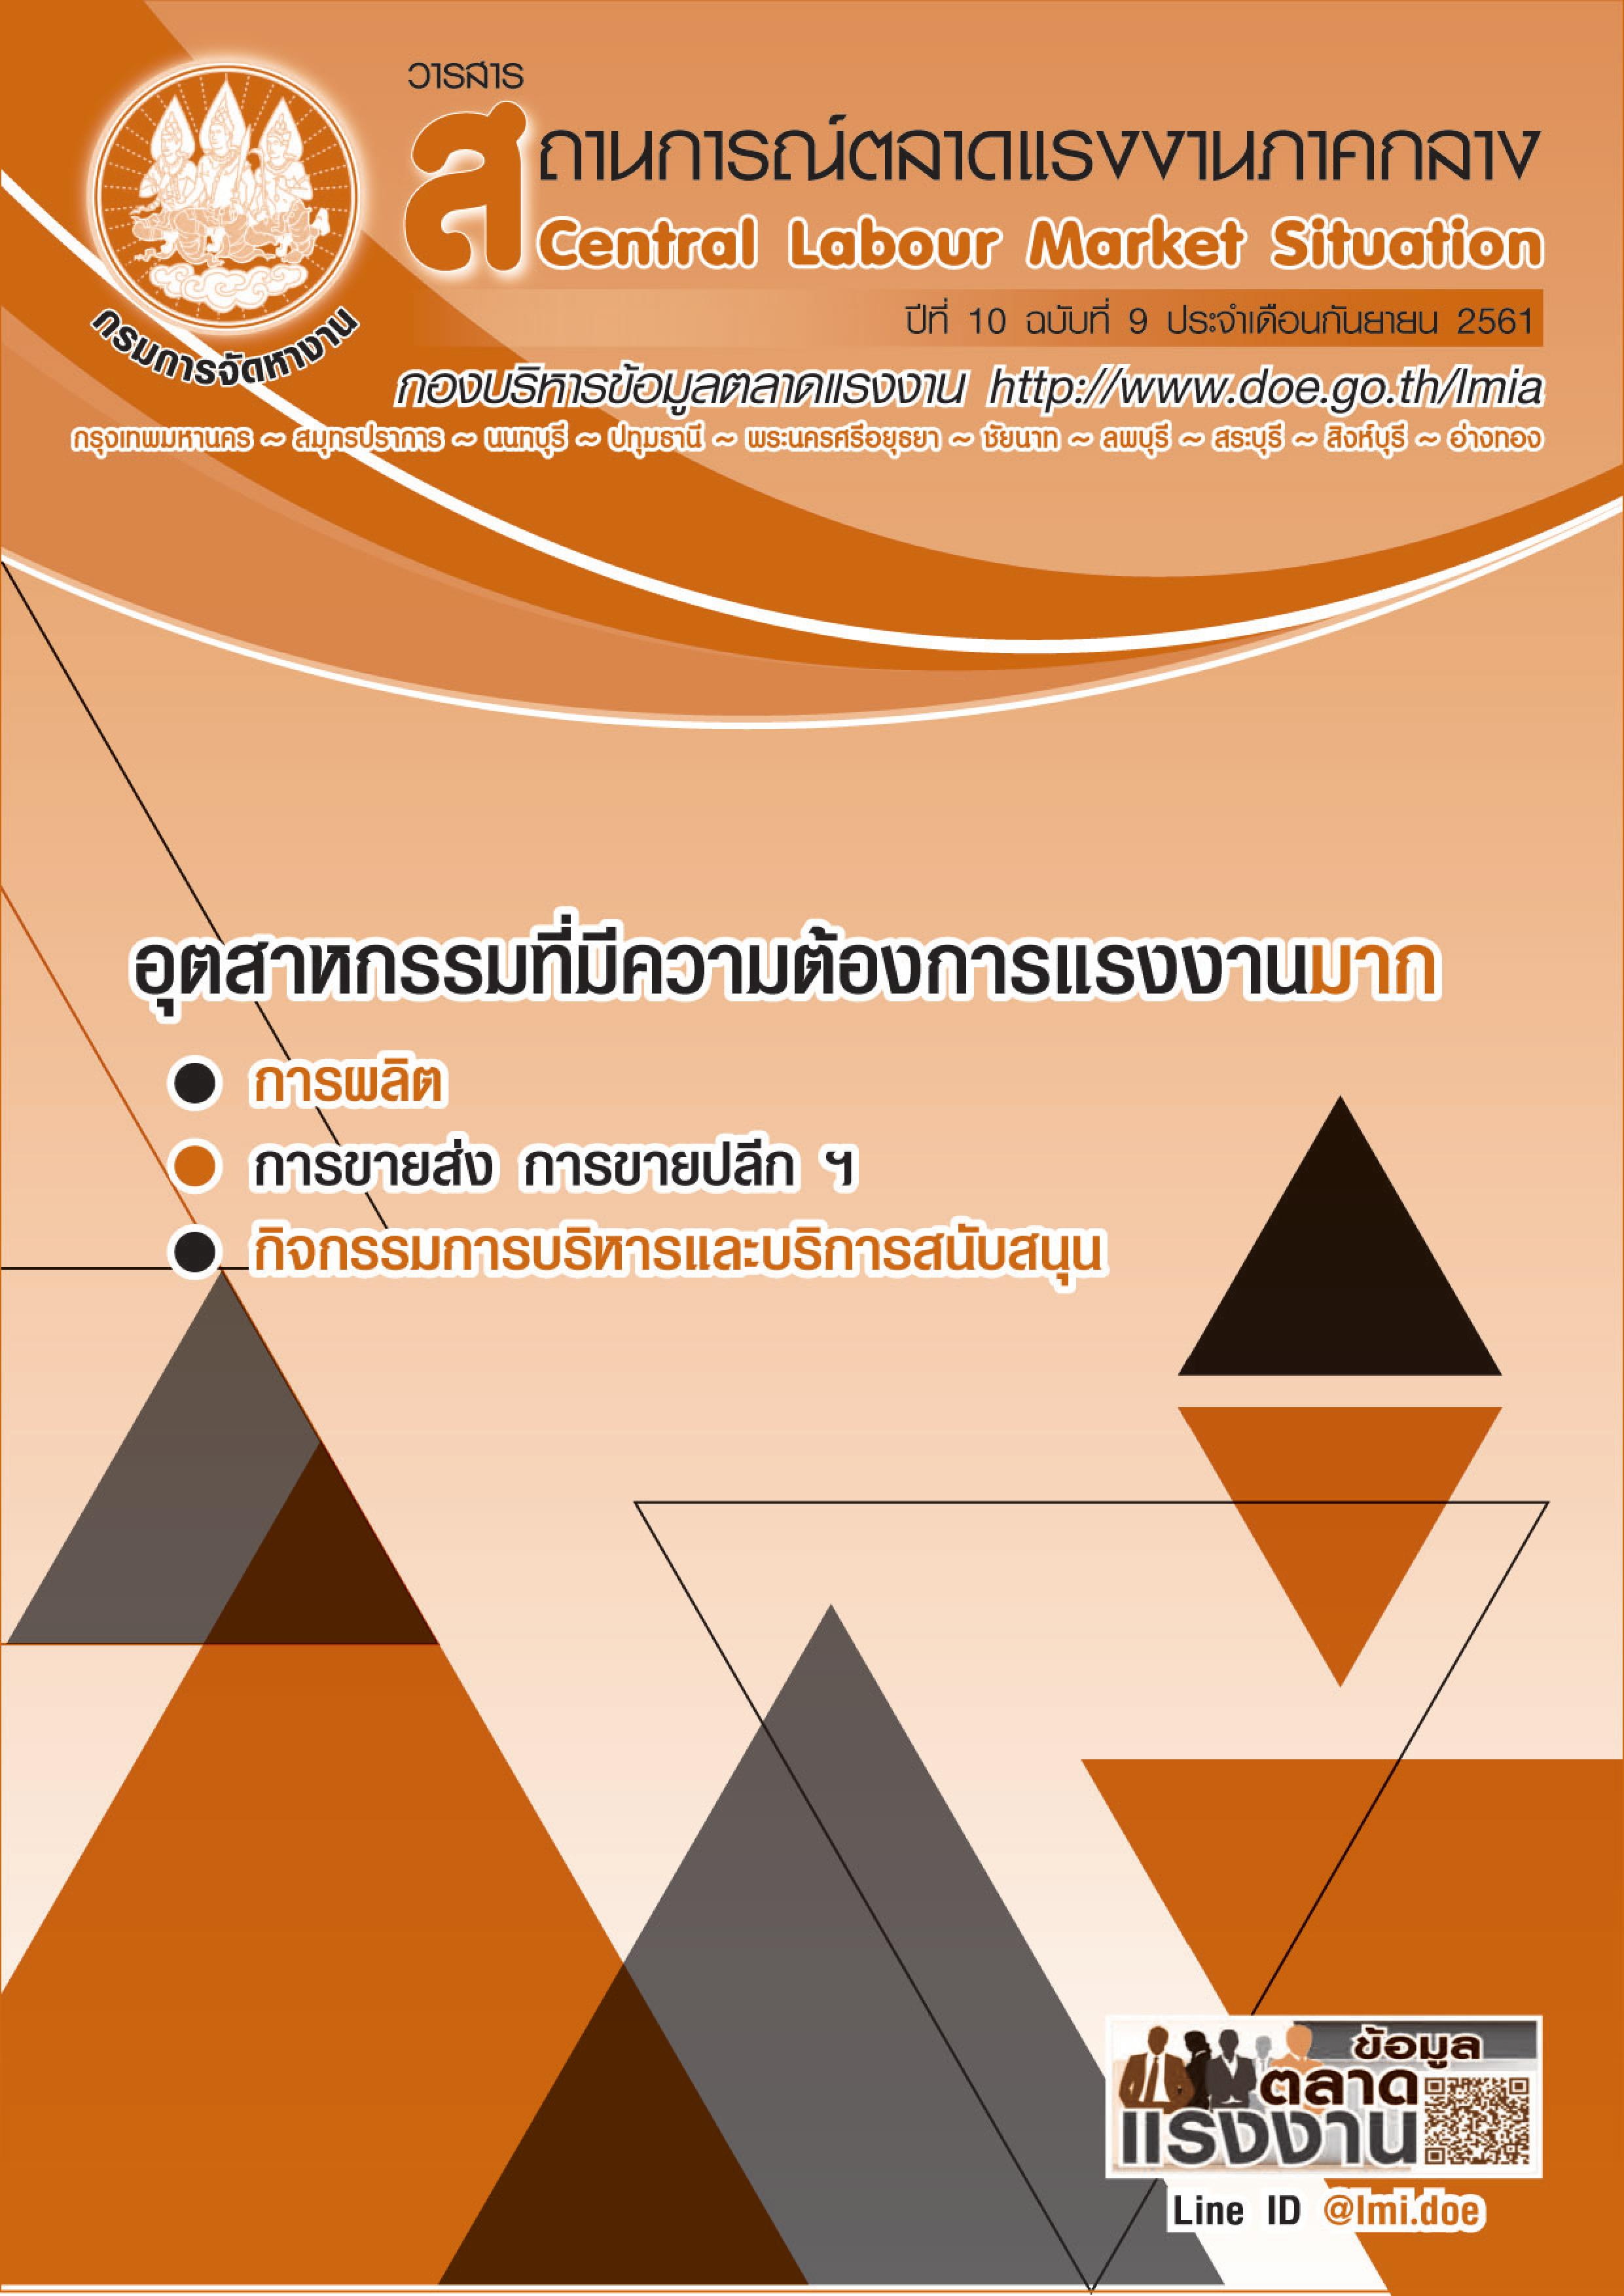 วารสารสถานการณ์ตลาดแรงงานภาคกลางประจำเดือนกันยายน 2561